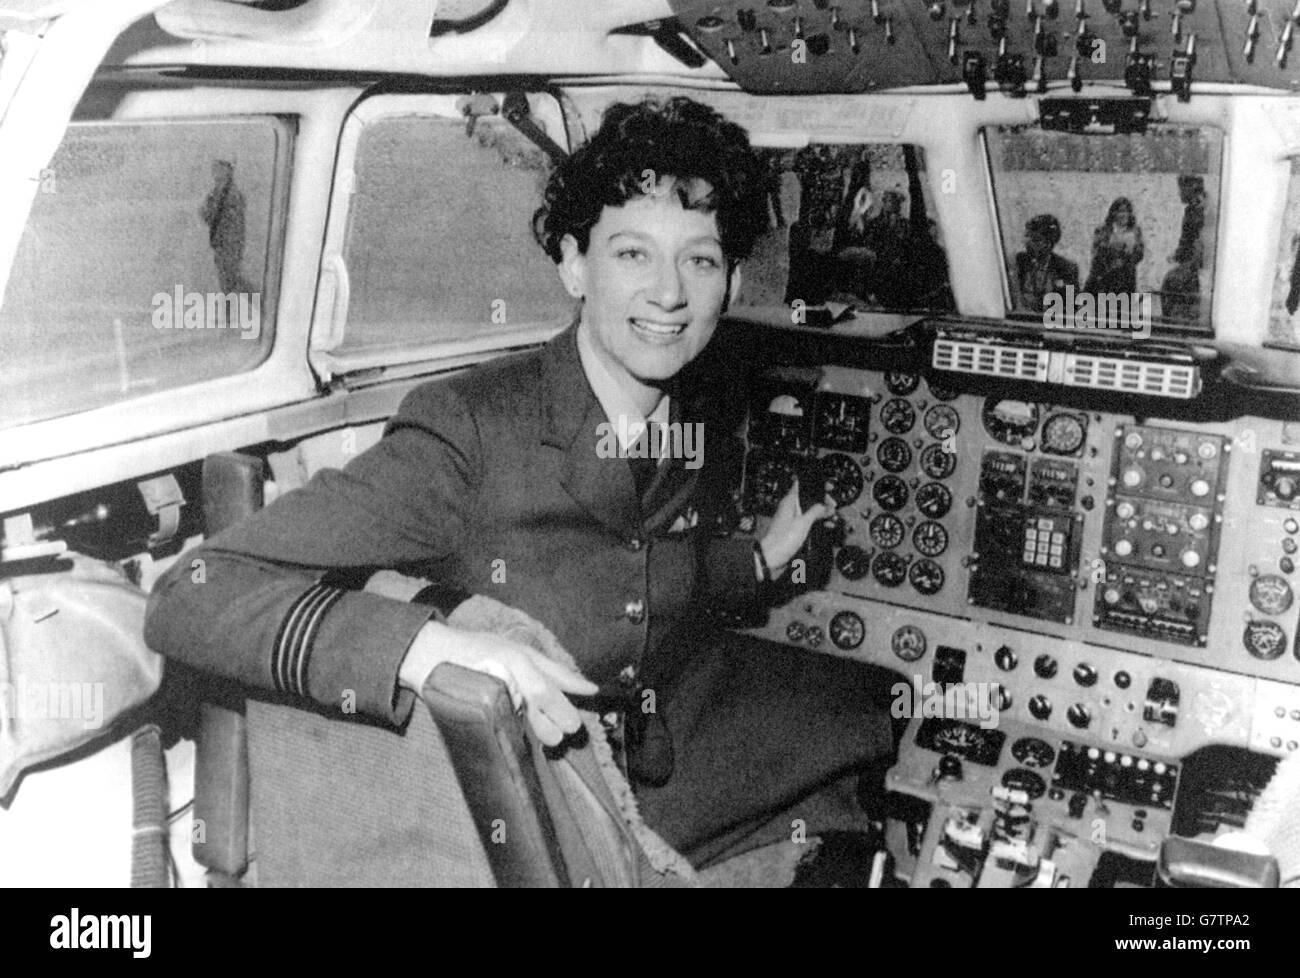 La Lieutenant de vaisseau Julie Ann Gibson aux commandes d'un avion après avoir reçu ses ailes comme première femme pilote dans la RAF, à la RAF Finningley, Doncaster. Banque D'Images